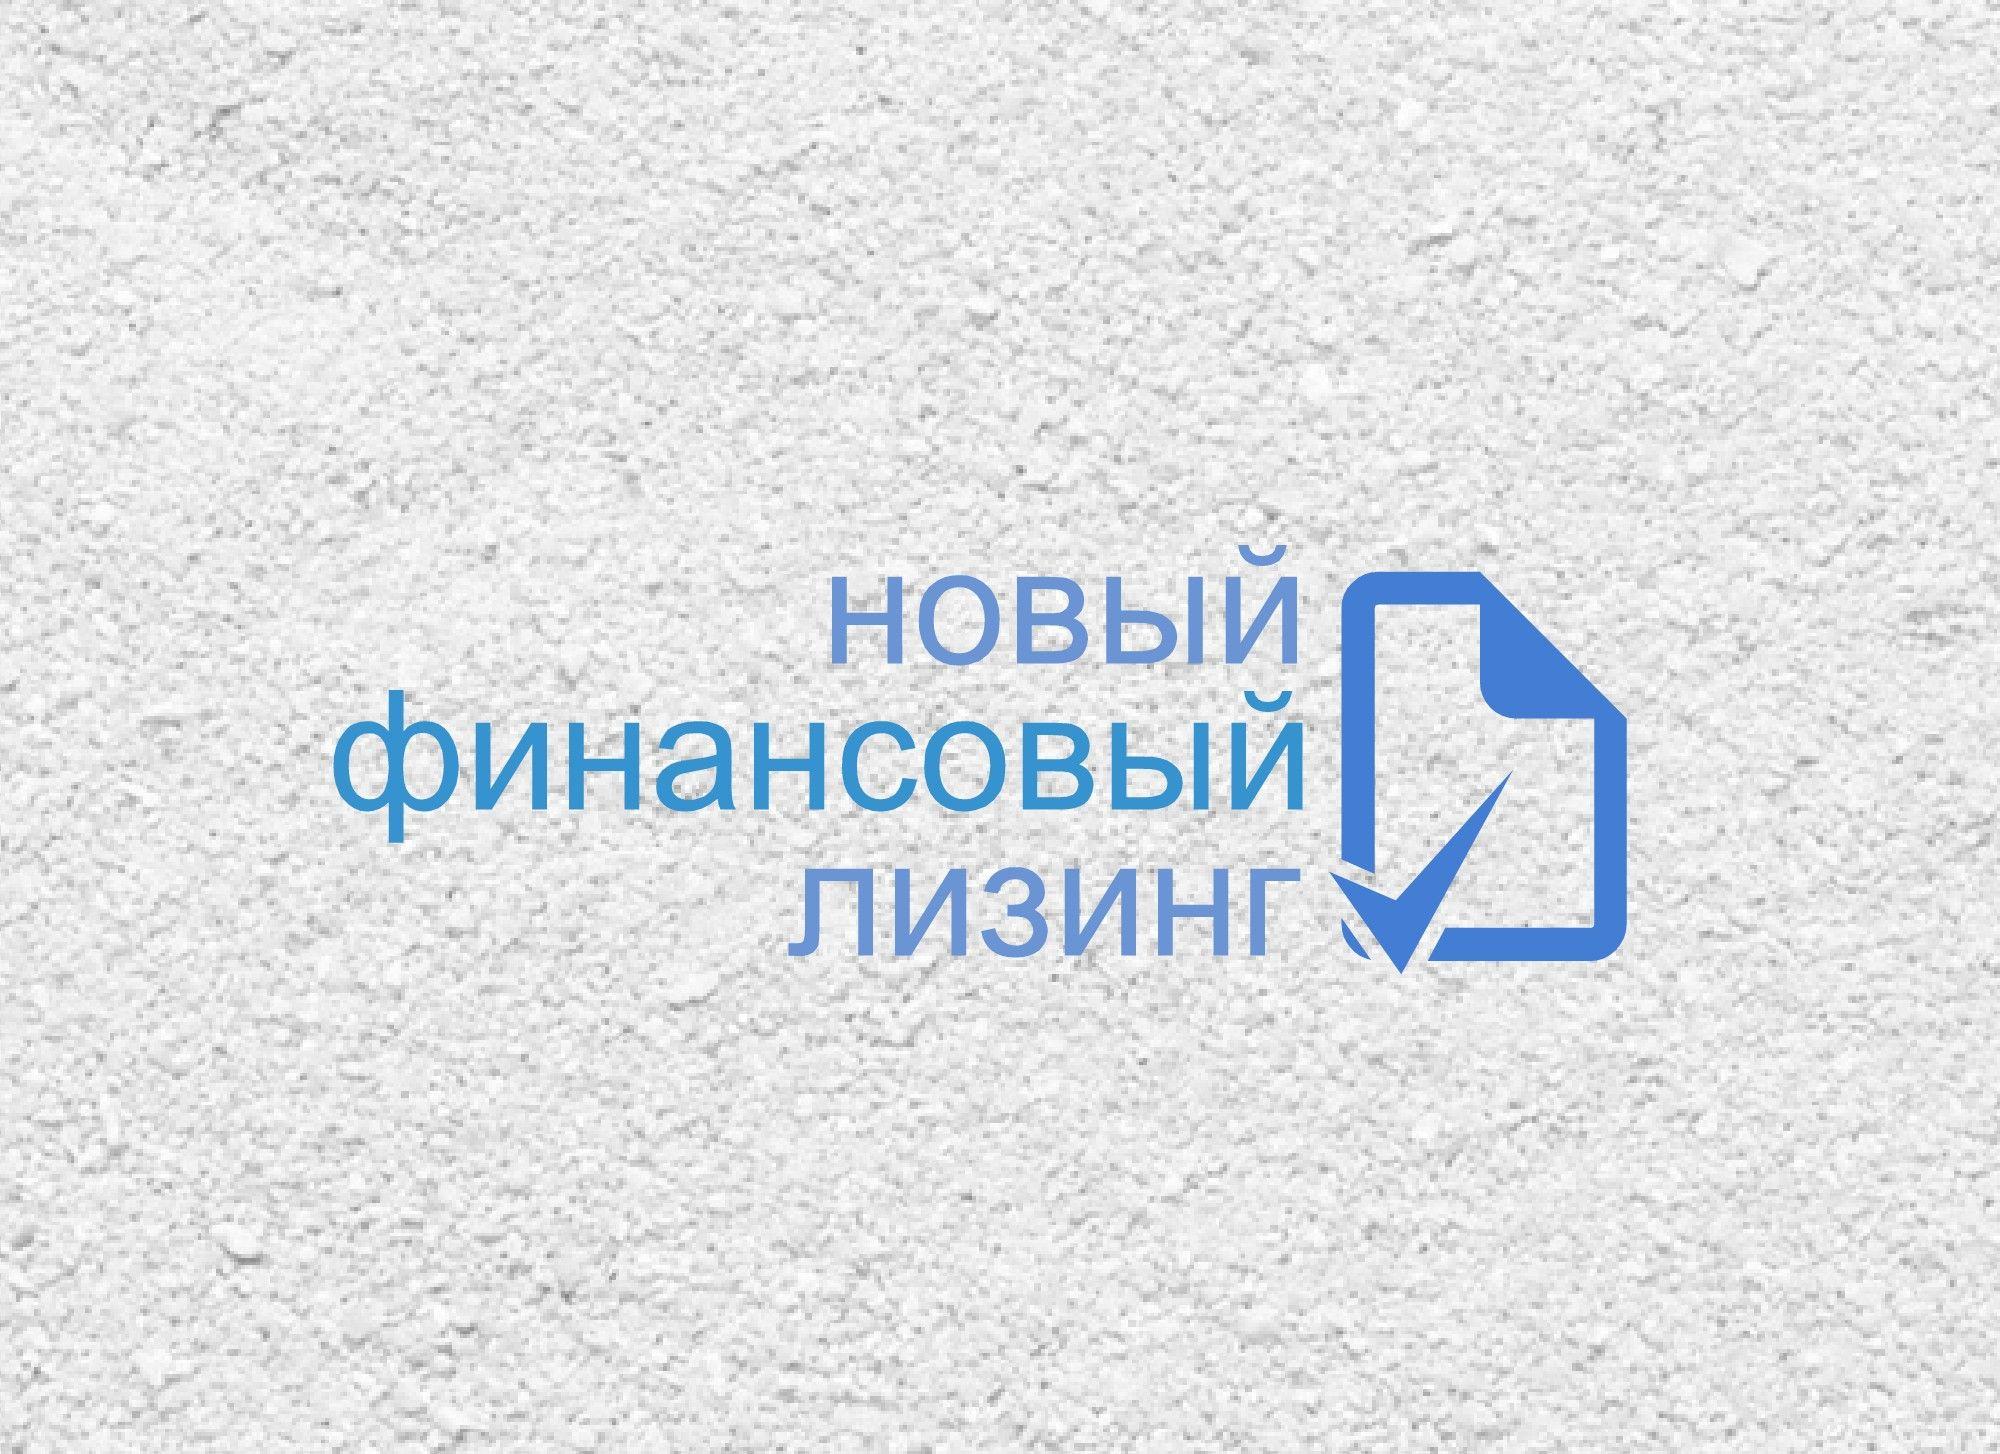 Фирменный стиль для лизинговой компании - дизайнер sasory96